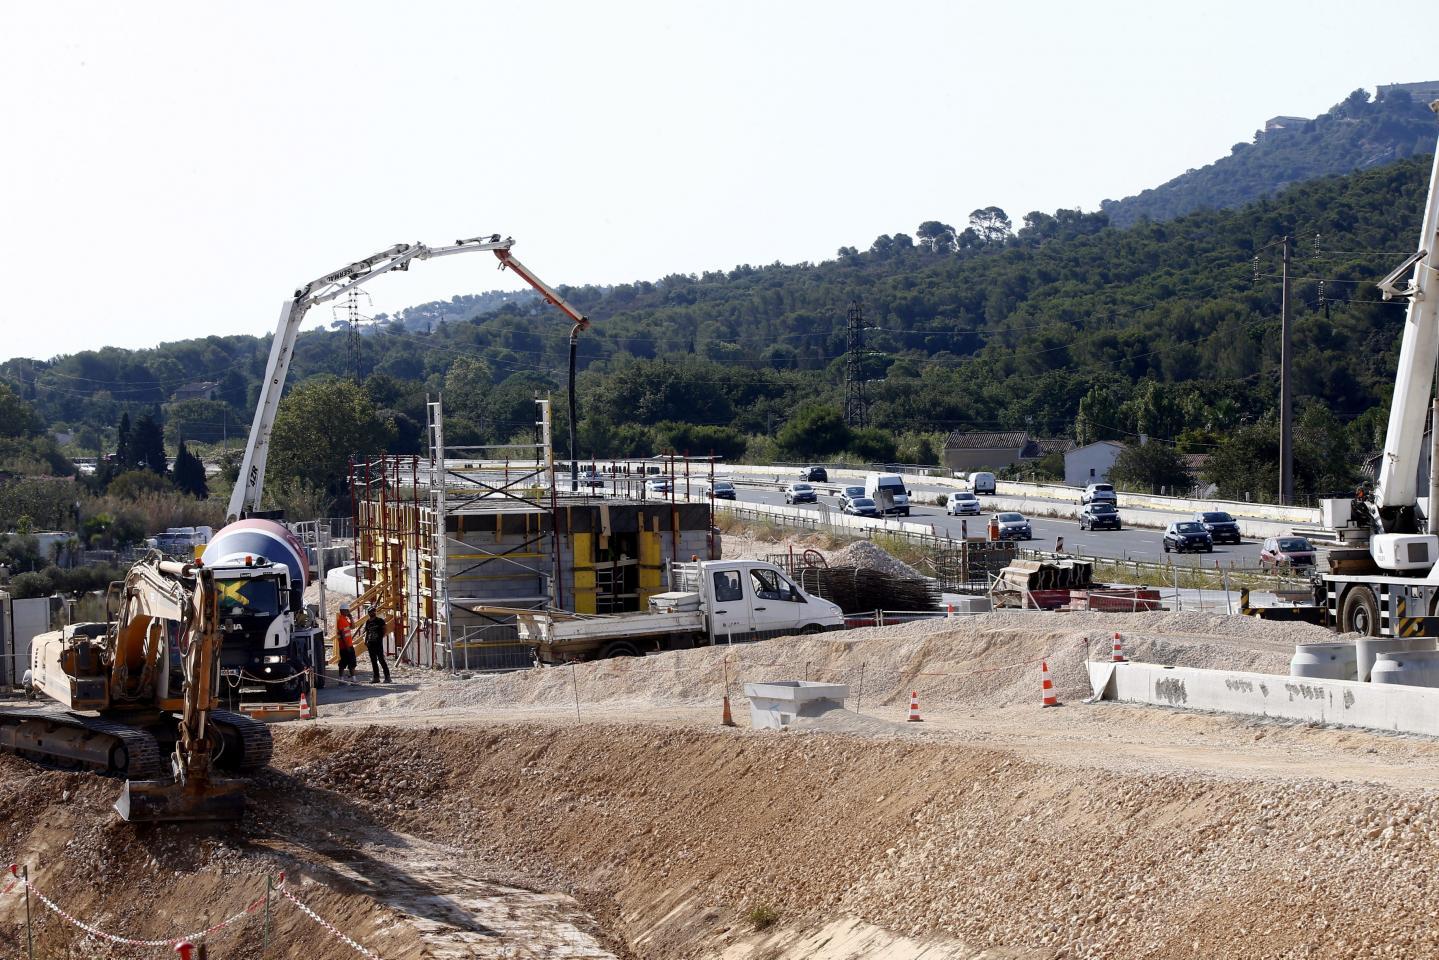 37,6 millions d'euros, c'est le coût de la construction du nouvel échangeur d'Ollioules-Sanary, co-financée par Vinci Autoroutes (42%), le conseil départemental du Var (29%), la Métropole Toulon Provence Méditerranée (16%) et la communauté d'agglomération Sud Sainte Baume (13%).